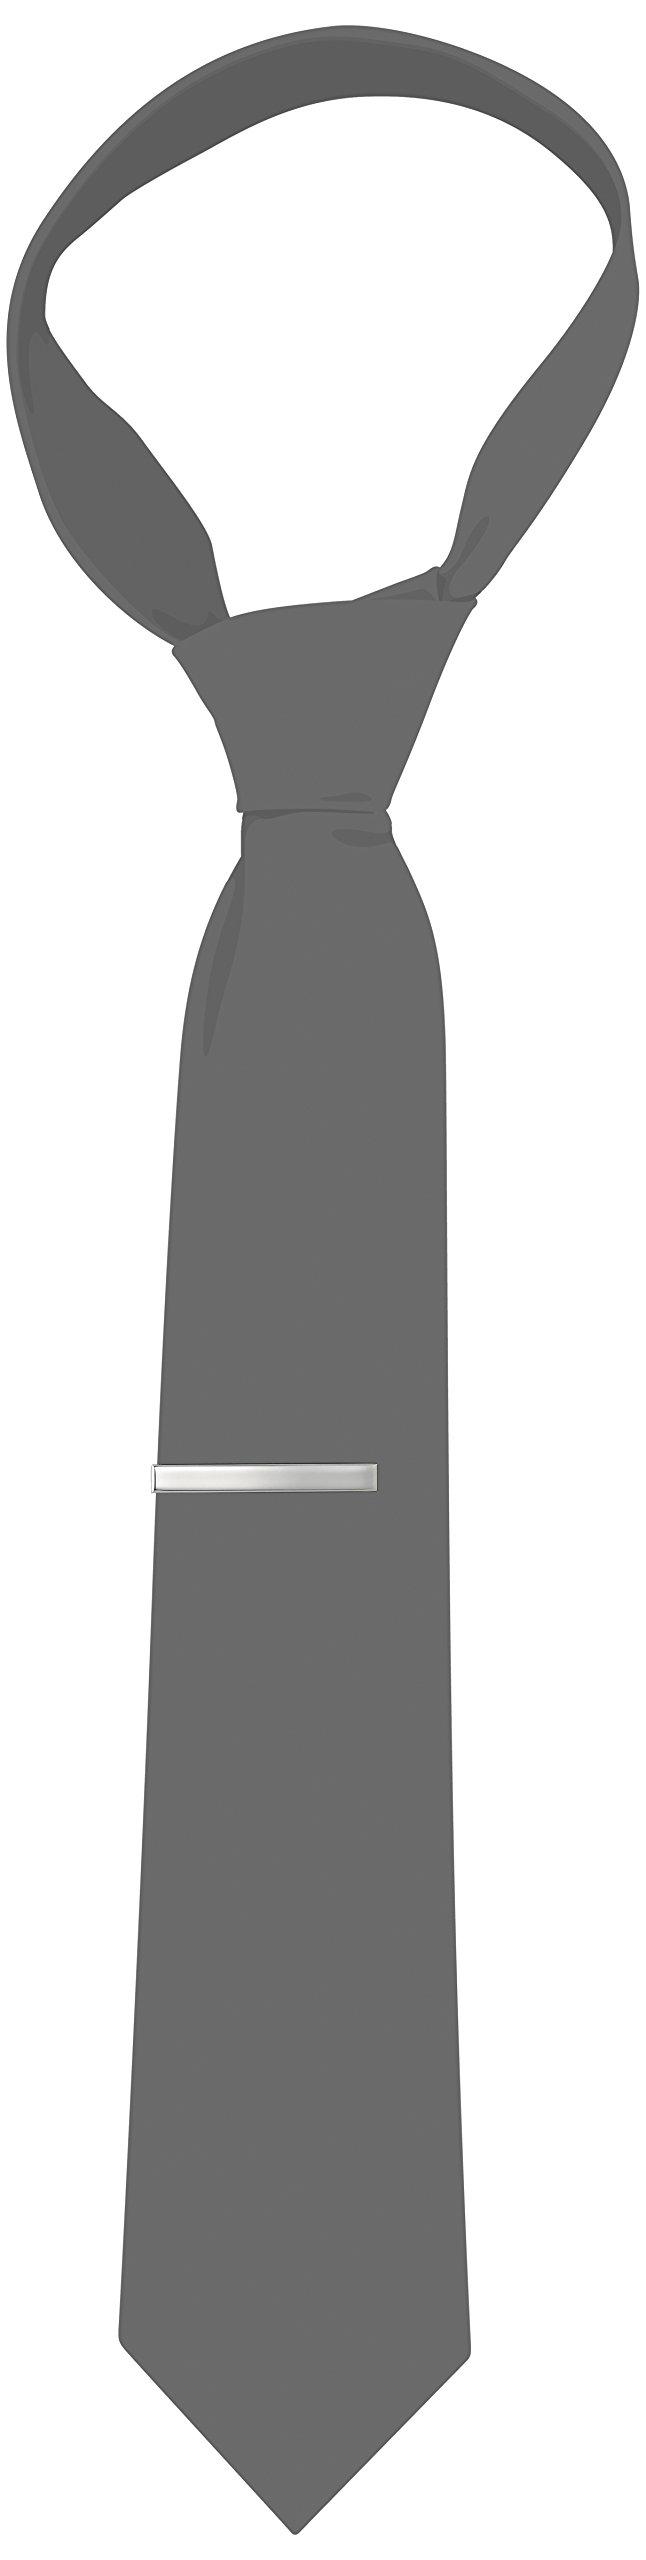 Kenneth Cole REACTION Men's Classic Tie Clip,Silver,One Size by Kenneth Cole REACTION (Image #2)